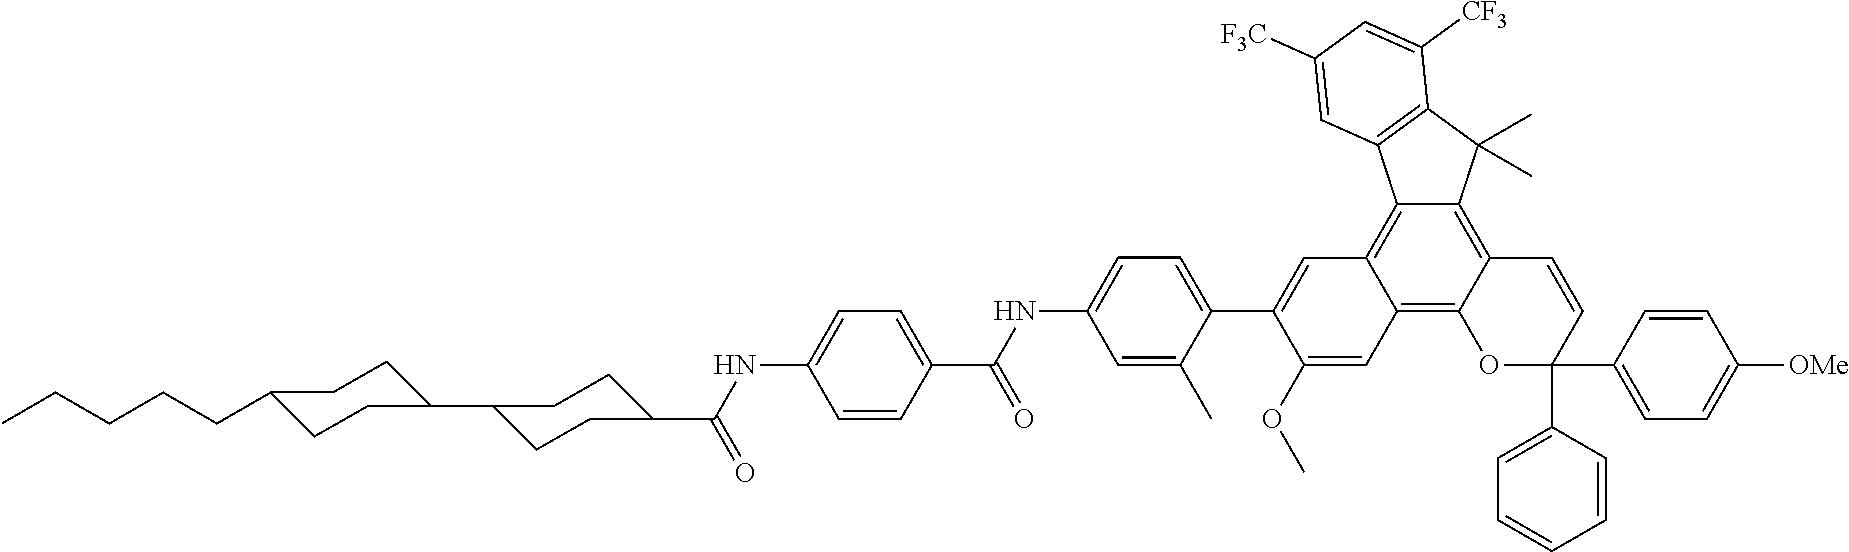 Figure US08518546-20130827-C00046